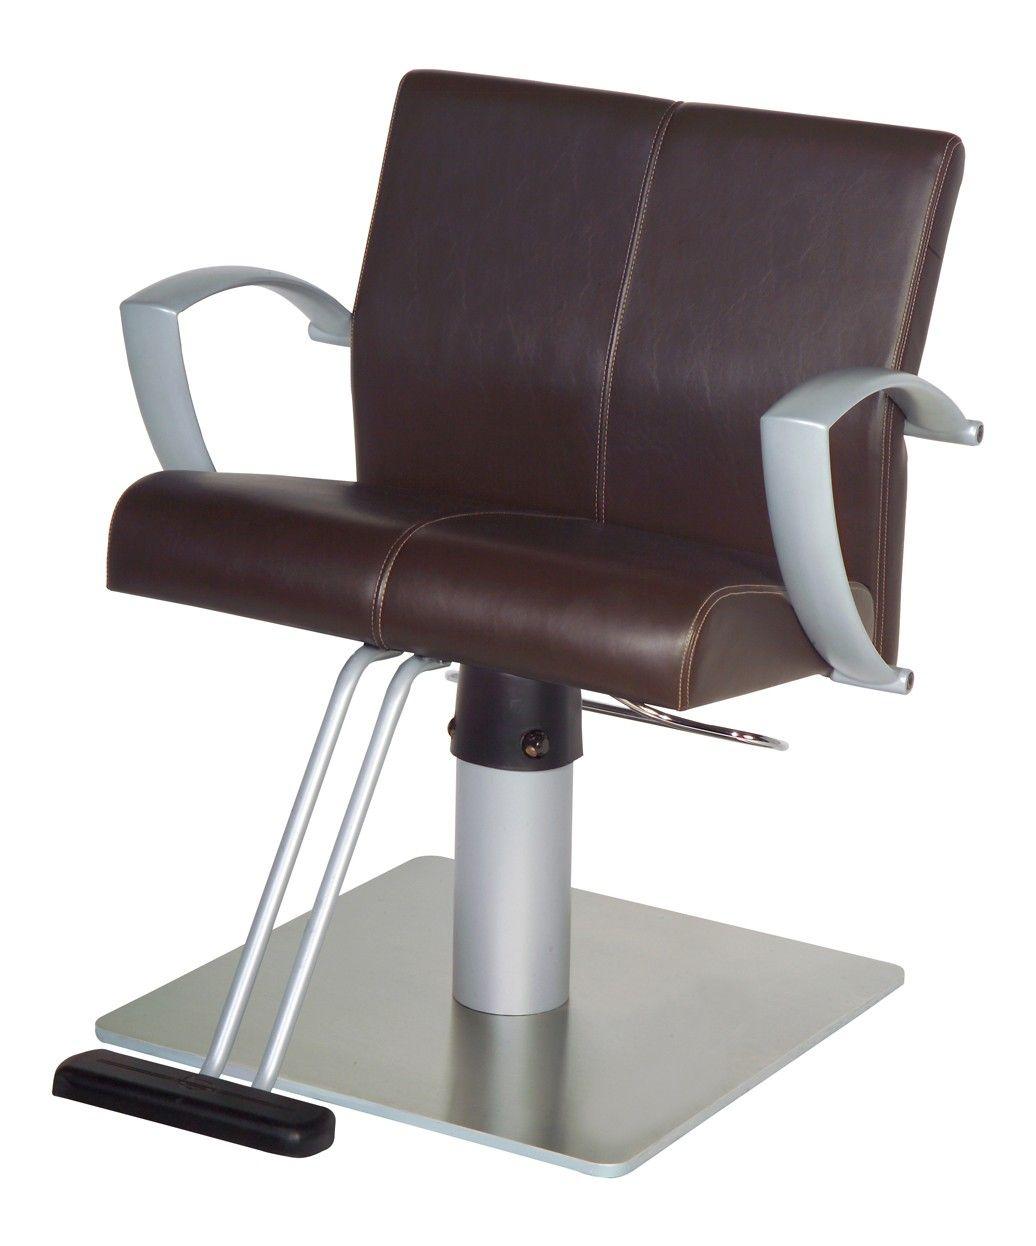 Belvedere Kt12a Kallista Styling Chair Chair Style Chair Salon